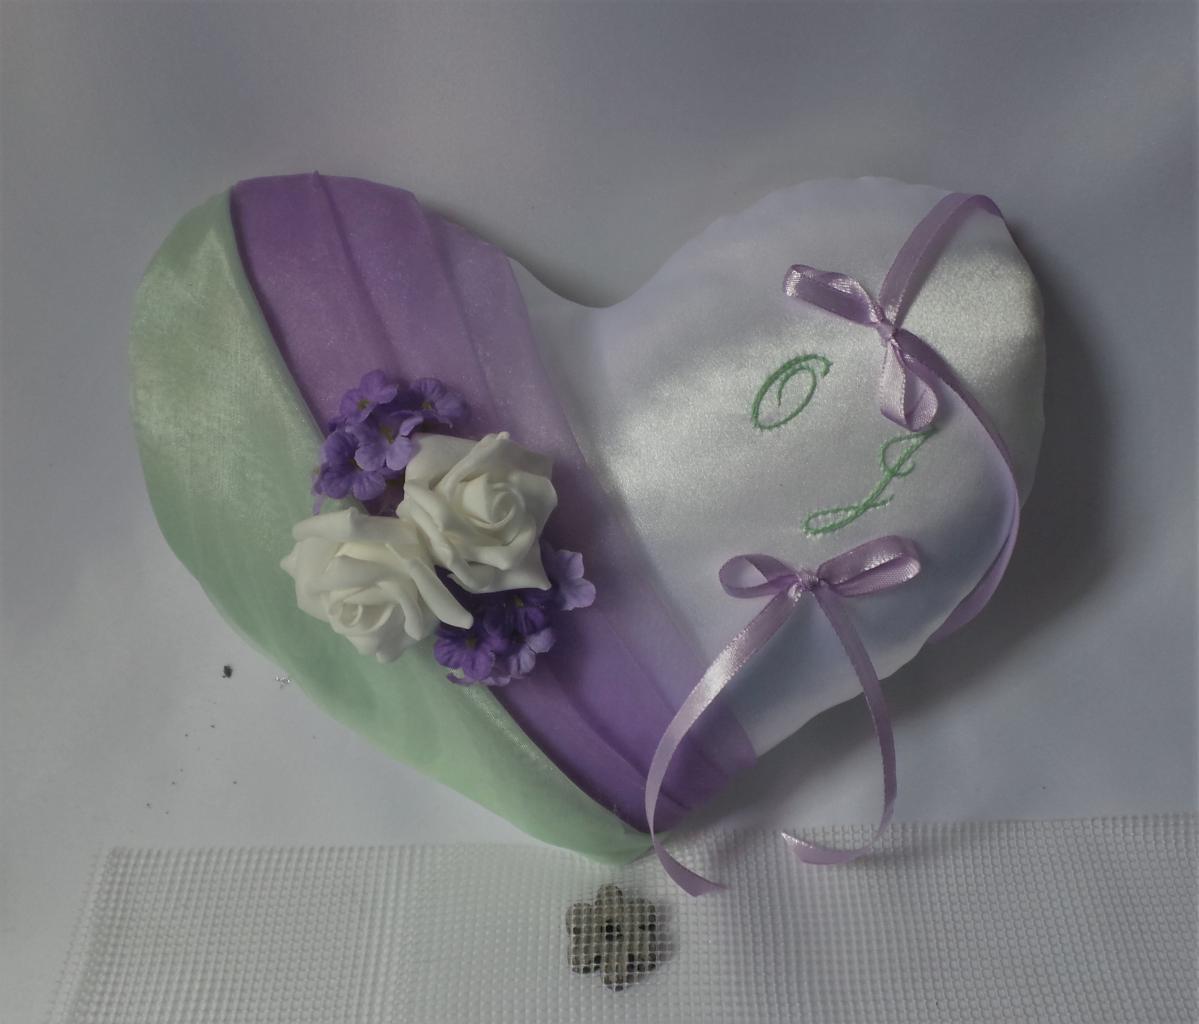 coussin de mariage coeur parme lavande vert d'eau personnalisé